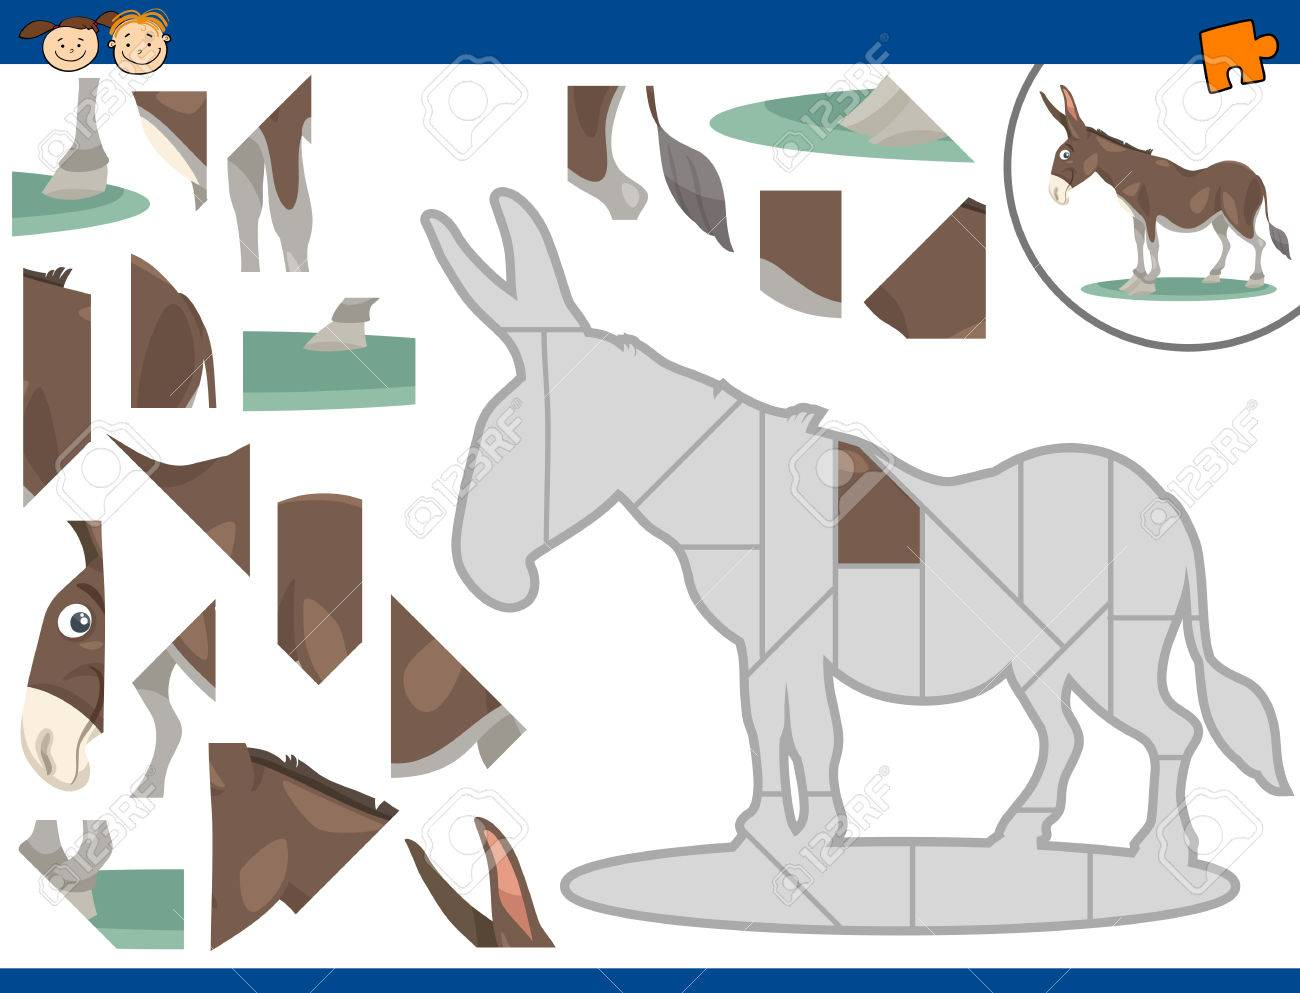 ロバ動物文字で幼児教育ジグソー パズル タスクの漫画イラスト